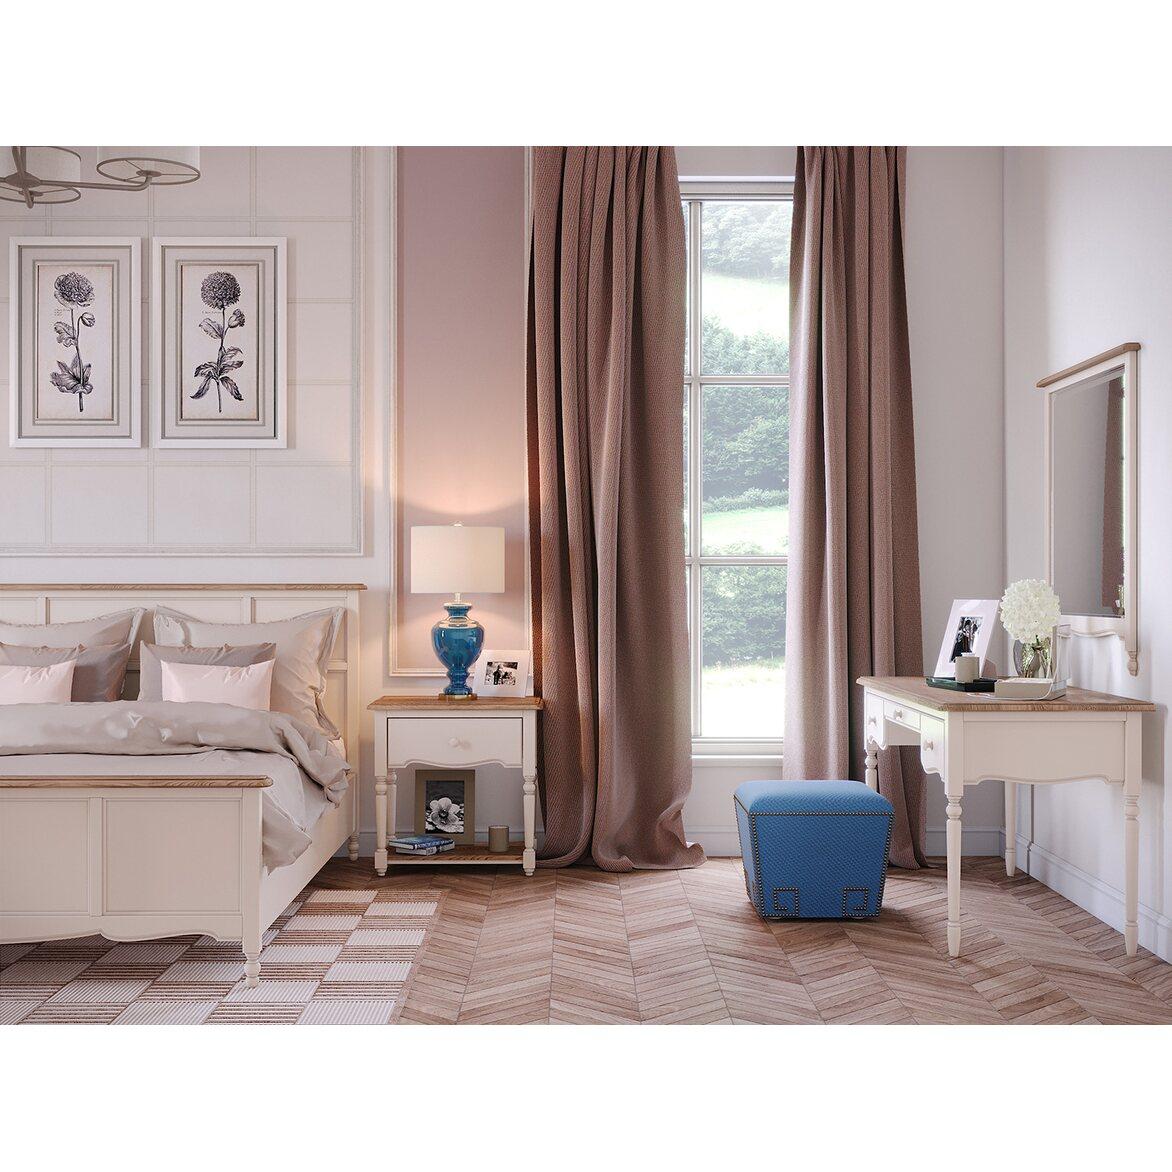 Кровать односпальная 120*200 Leblanc, бежевая 2 | Односпальные кровати Kingsby